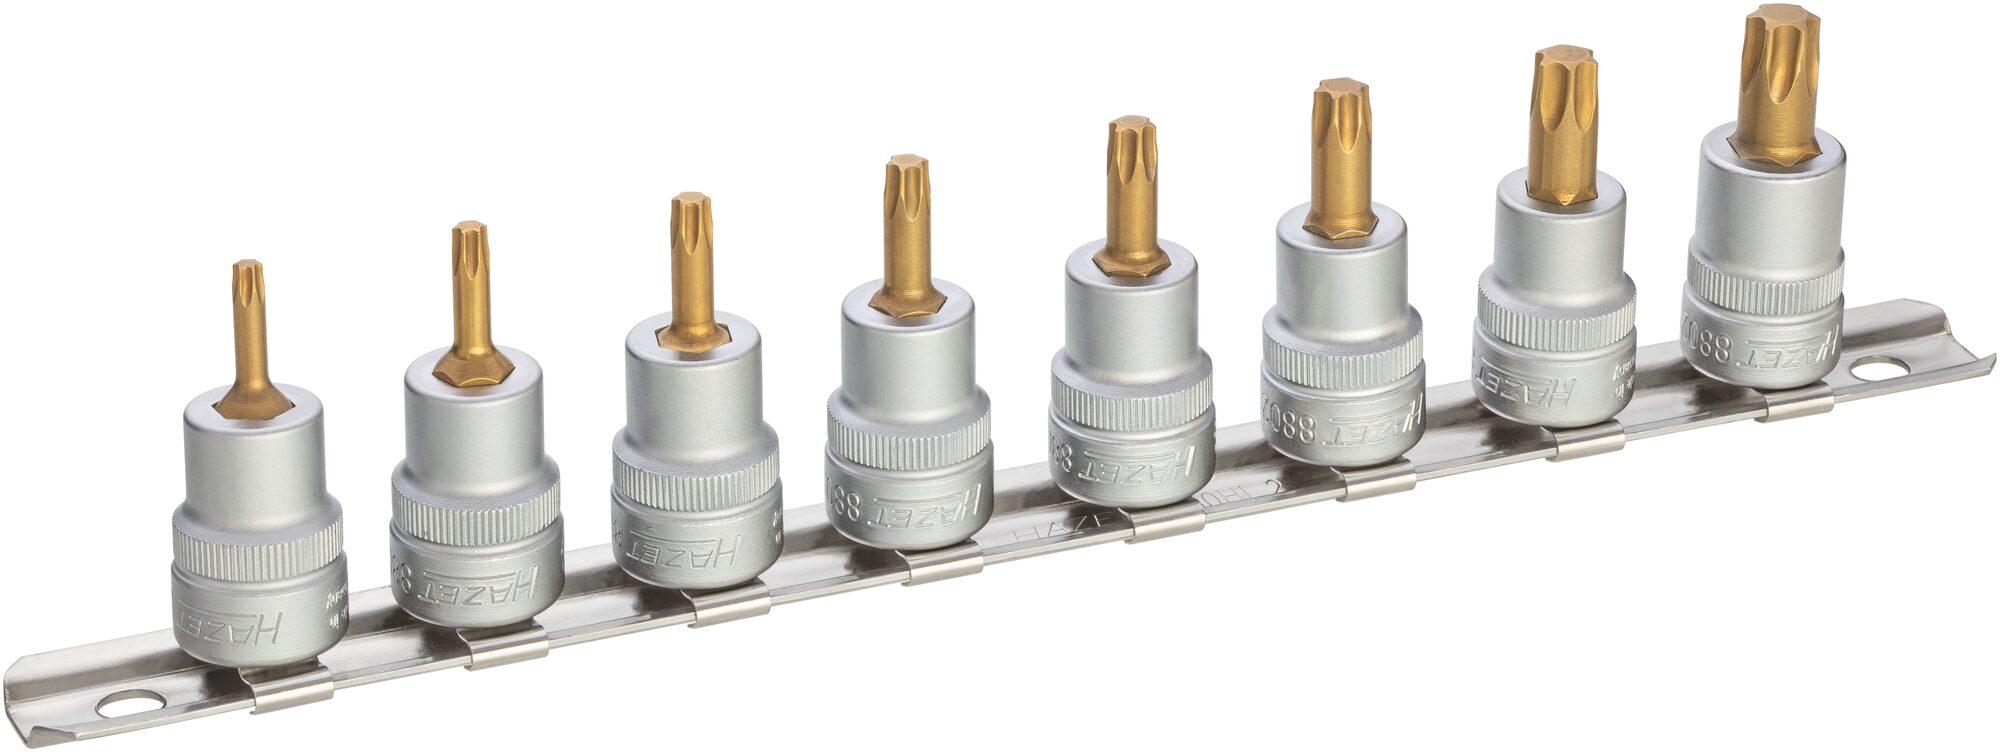 HAZET Steckschlüsseleinsatz Satz 8802T/8H ∙ Vierkant hohl 10 mm (3/8 Zoll) ∙ Innen TORX® Profil ∙ T15–T50